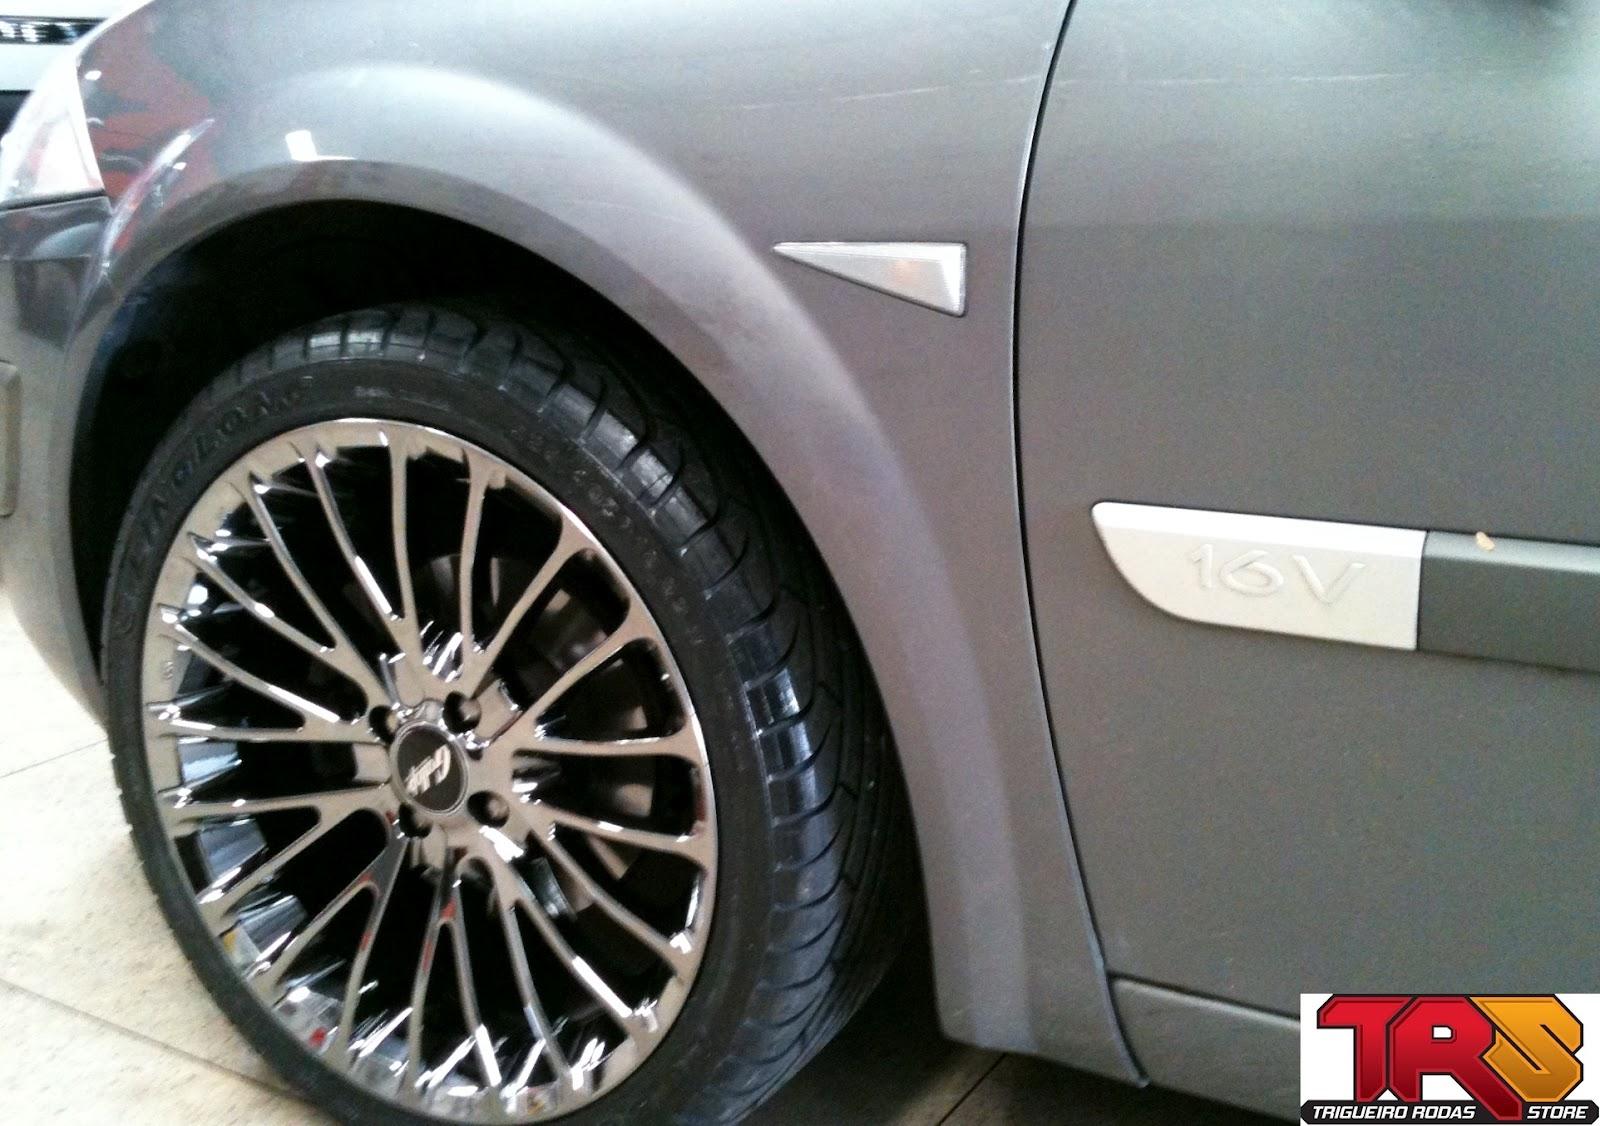 trigueiro rodas store 84 32233905 renault megane rodas gallop. Black Bedroom Furniture Sets. Home Design Ideas